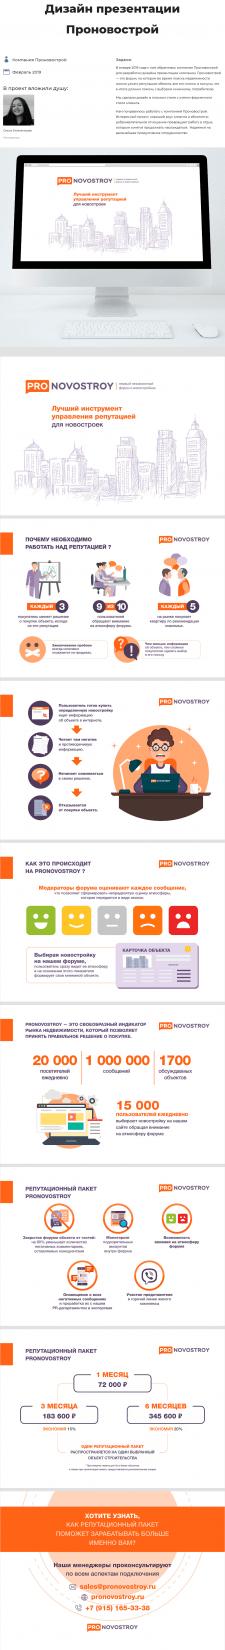 Презентация Pronovostroy